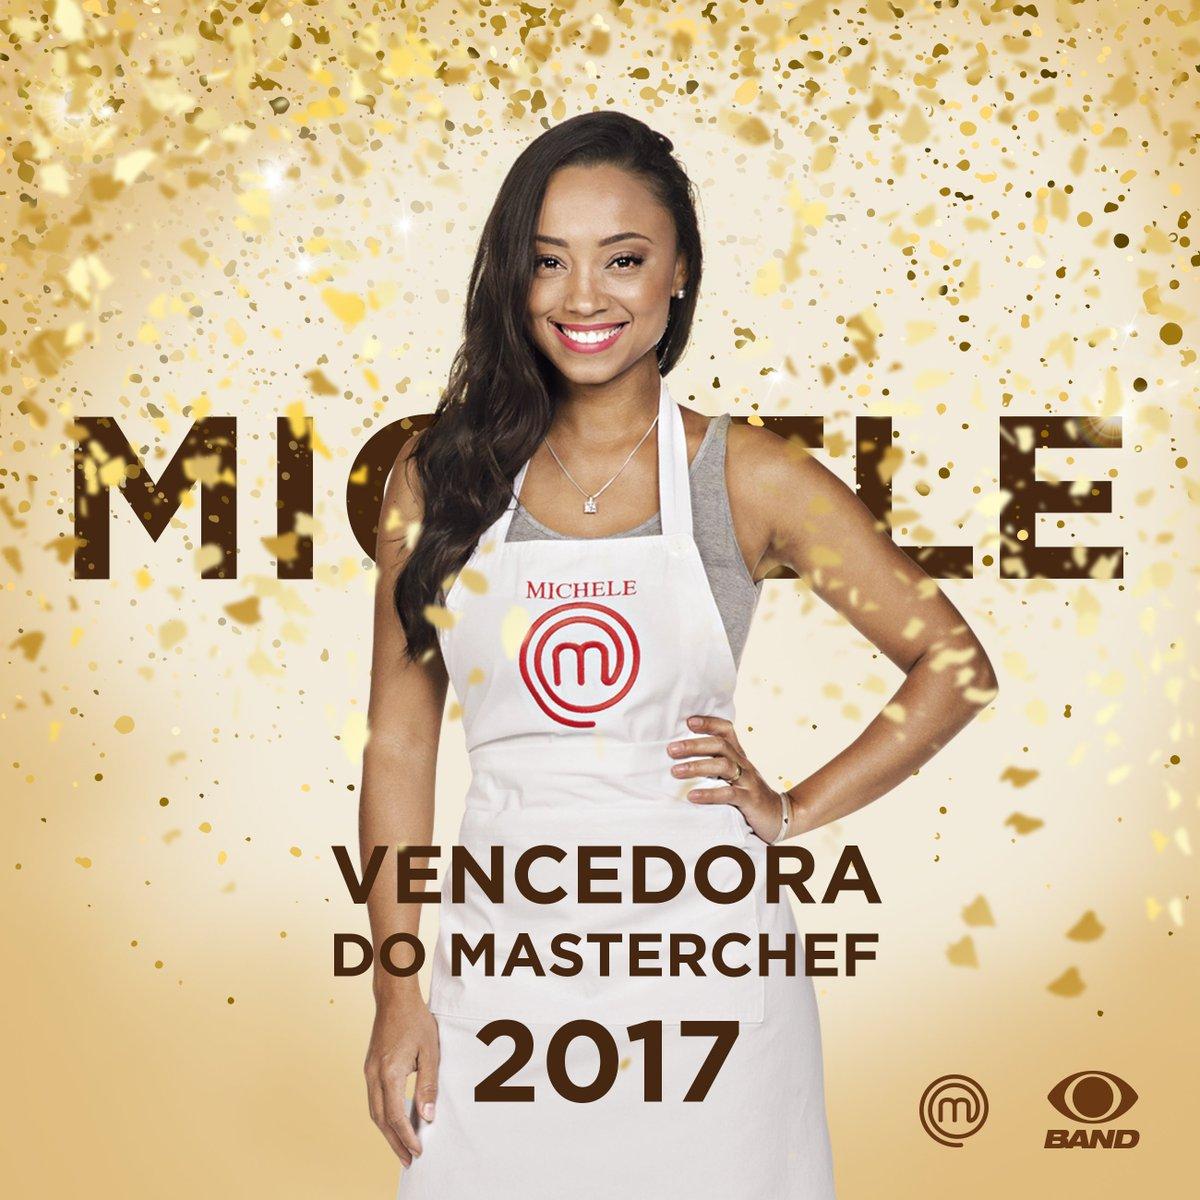 É com muito orgulho que anunciamos que a @MChefMichele é a nova #MasterChefBR! Parabéns!